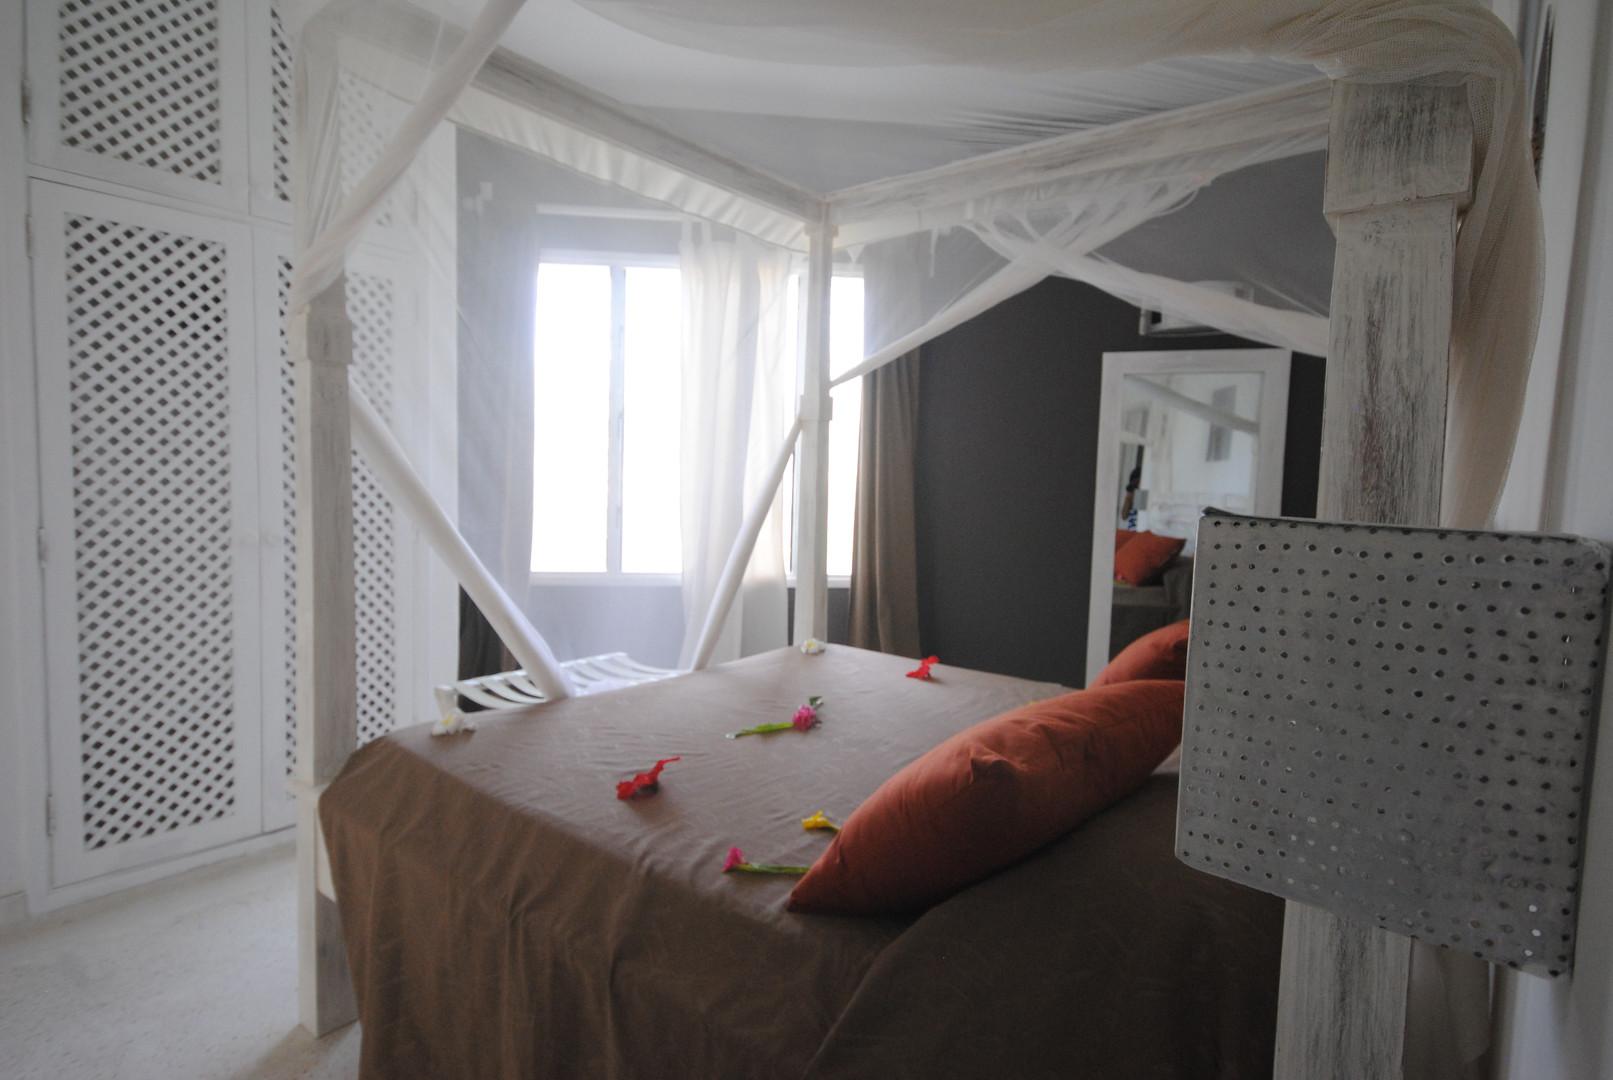 3 bedrooms villas in mambrui kenya